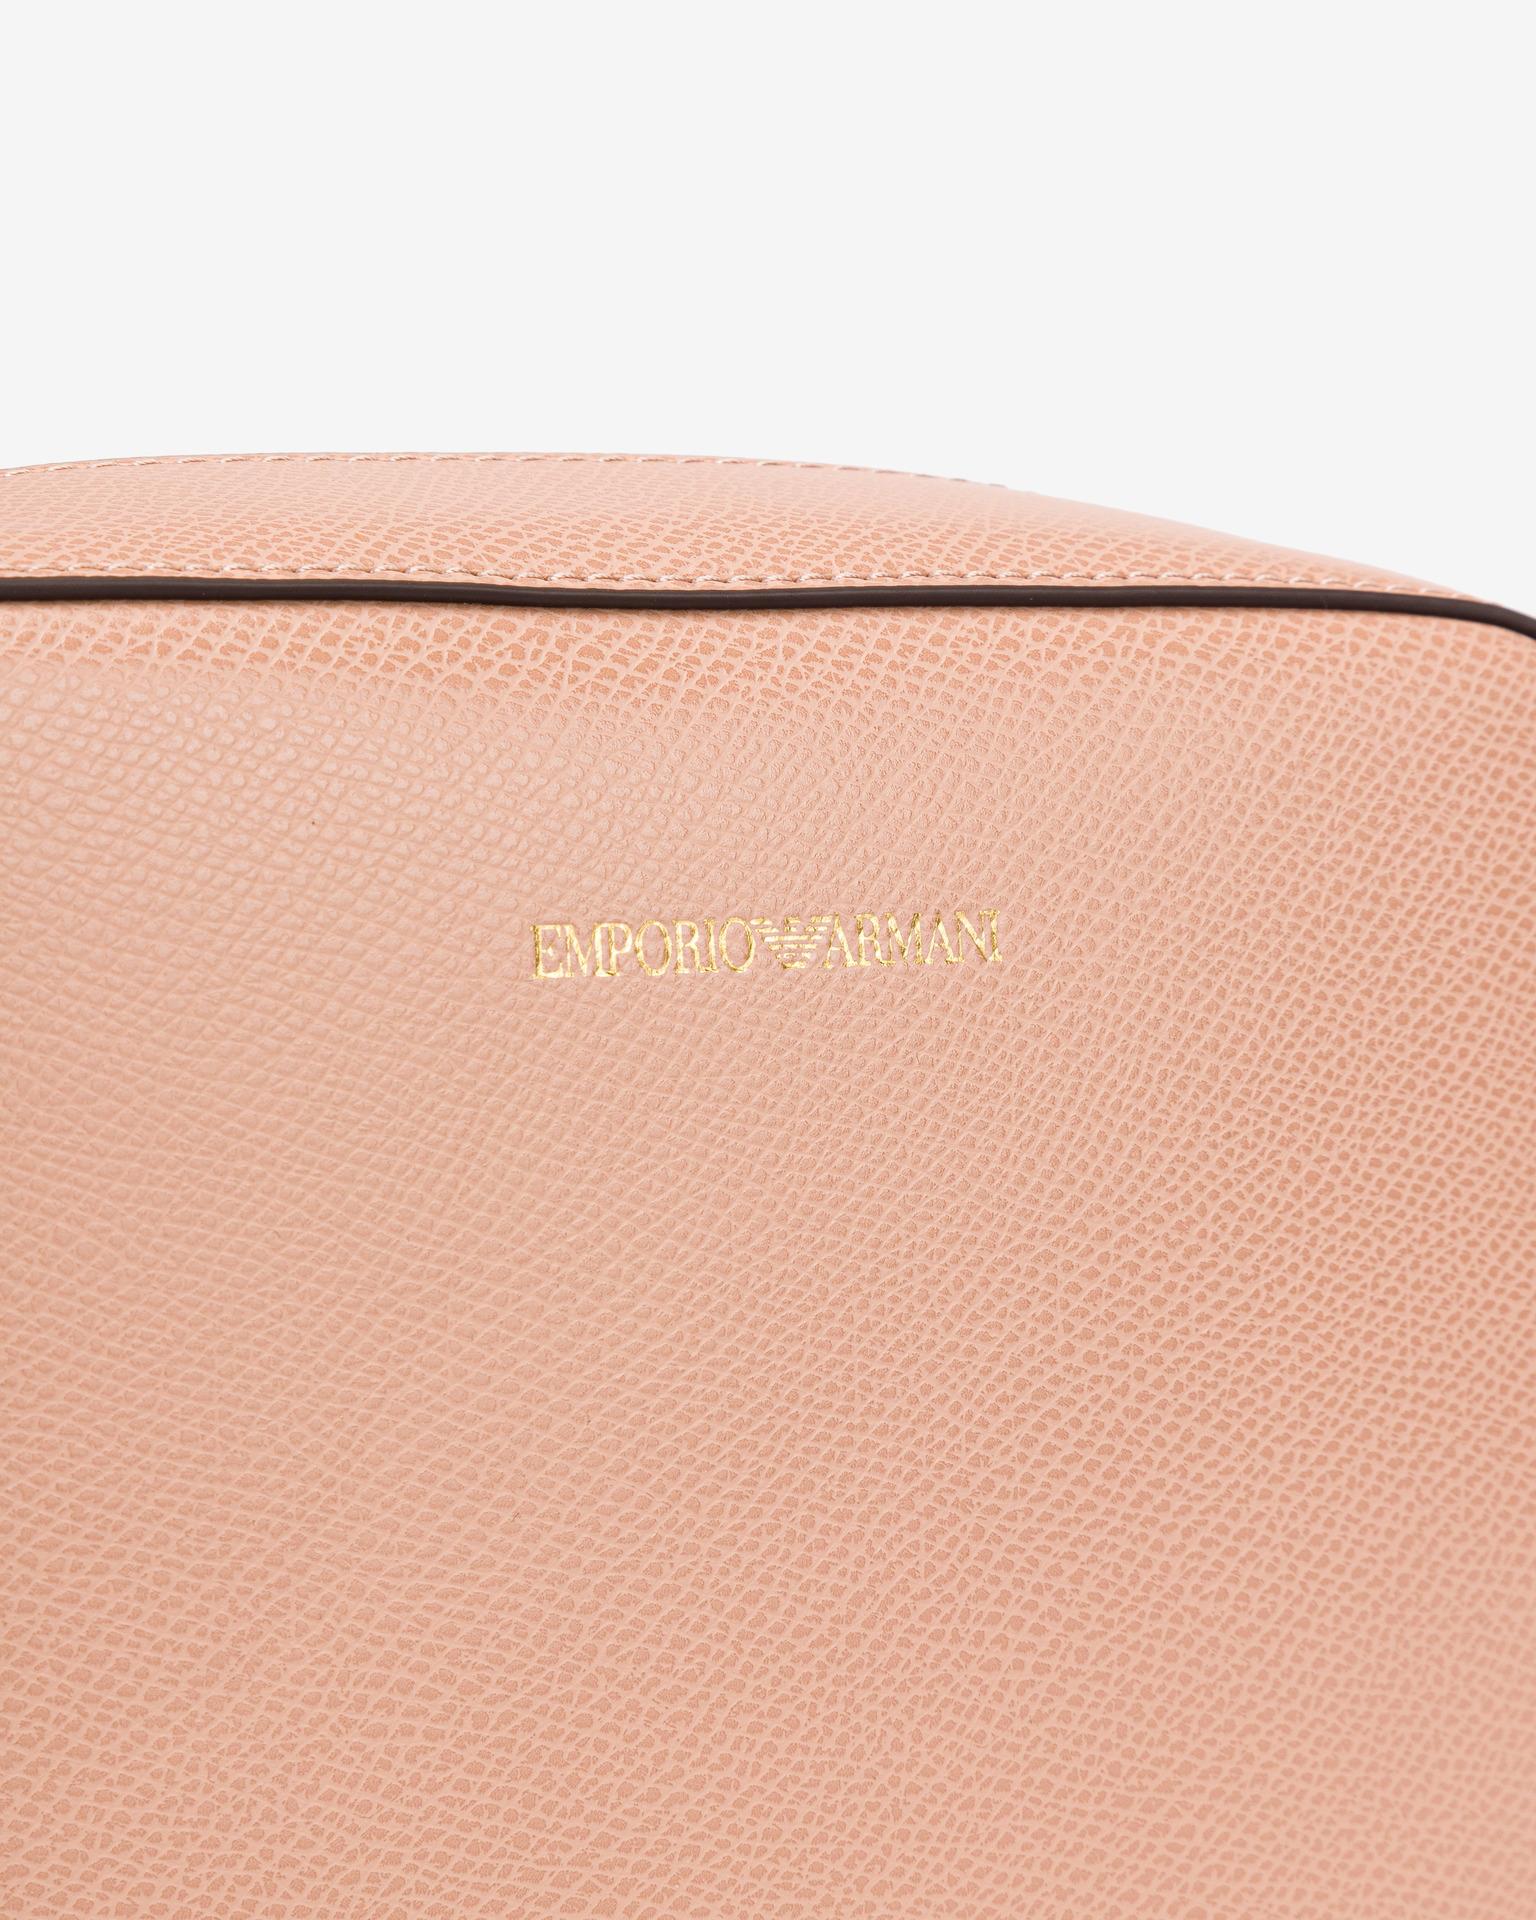 Emporio Armani Borsetta donna rosa